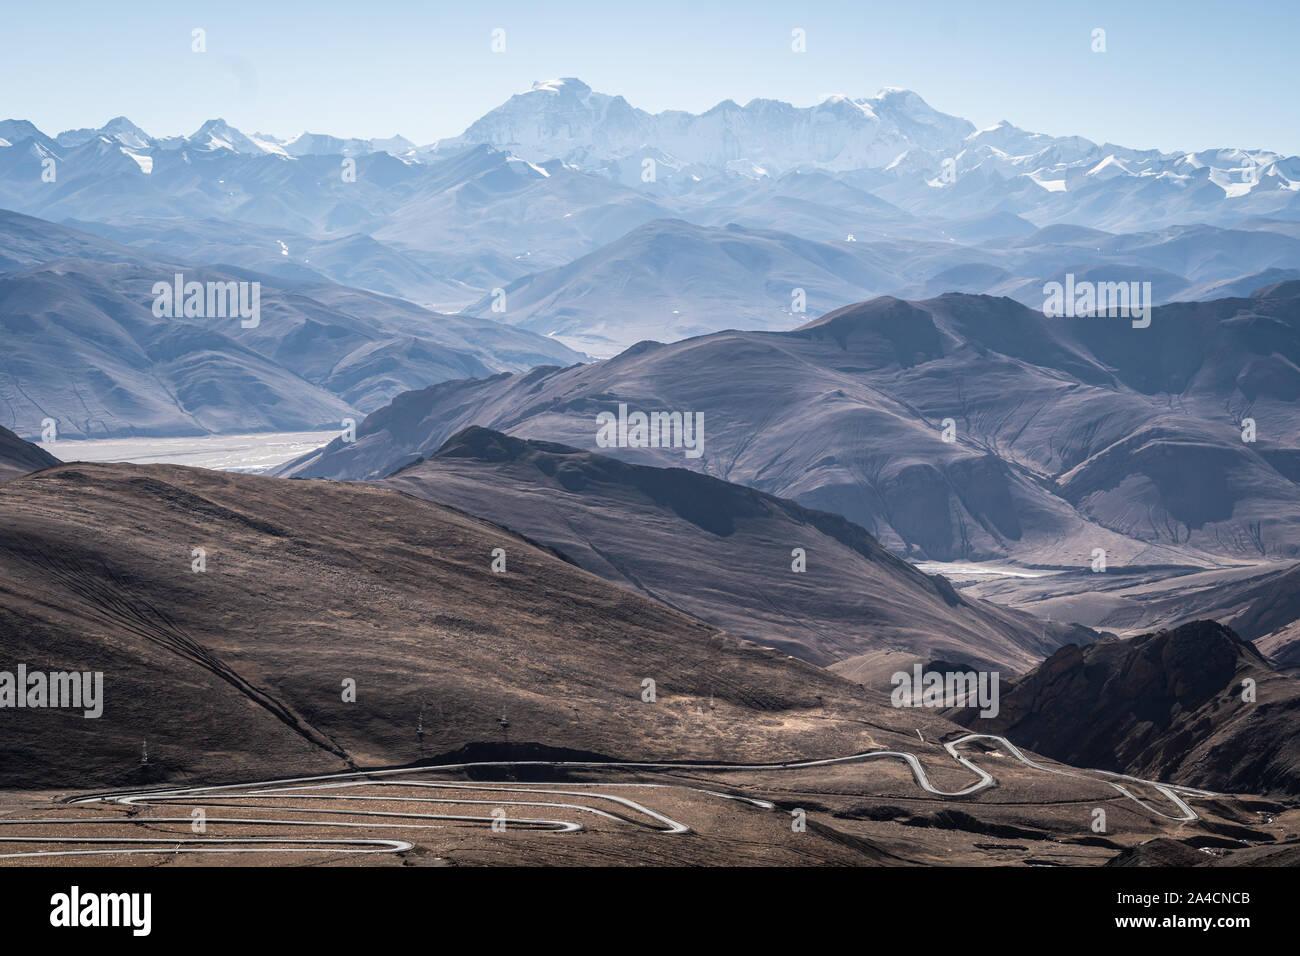 Atemberaubende Aussicht auf den Himalaya Gebirge mit dem Cho Oyu Peak von den Pang La Pass in Tibet, China Stockfoto